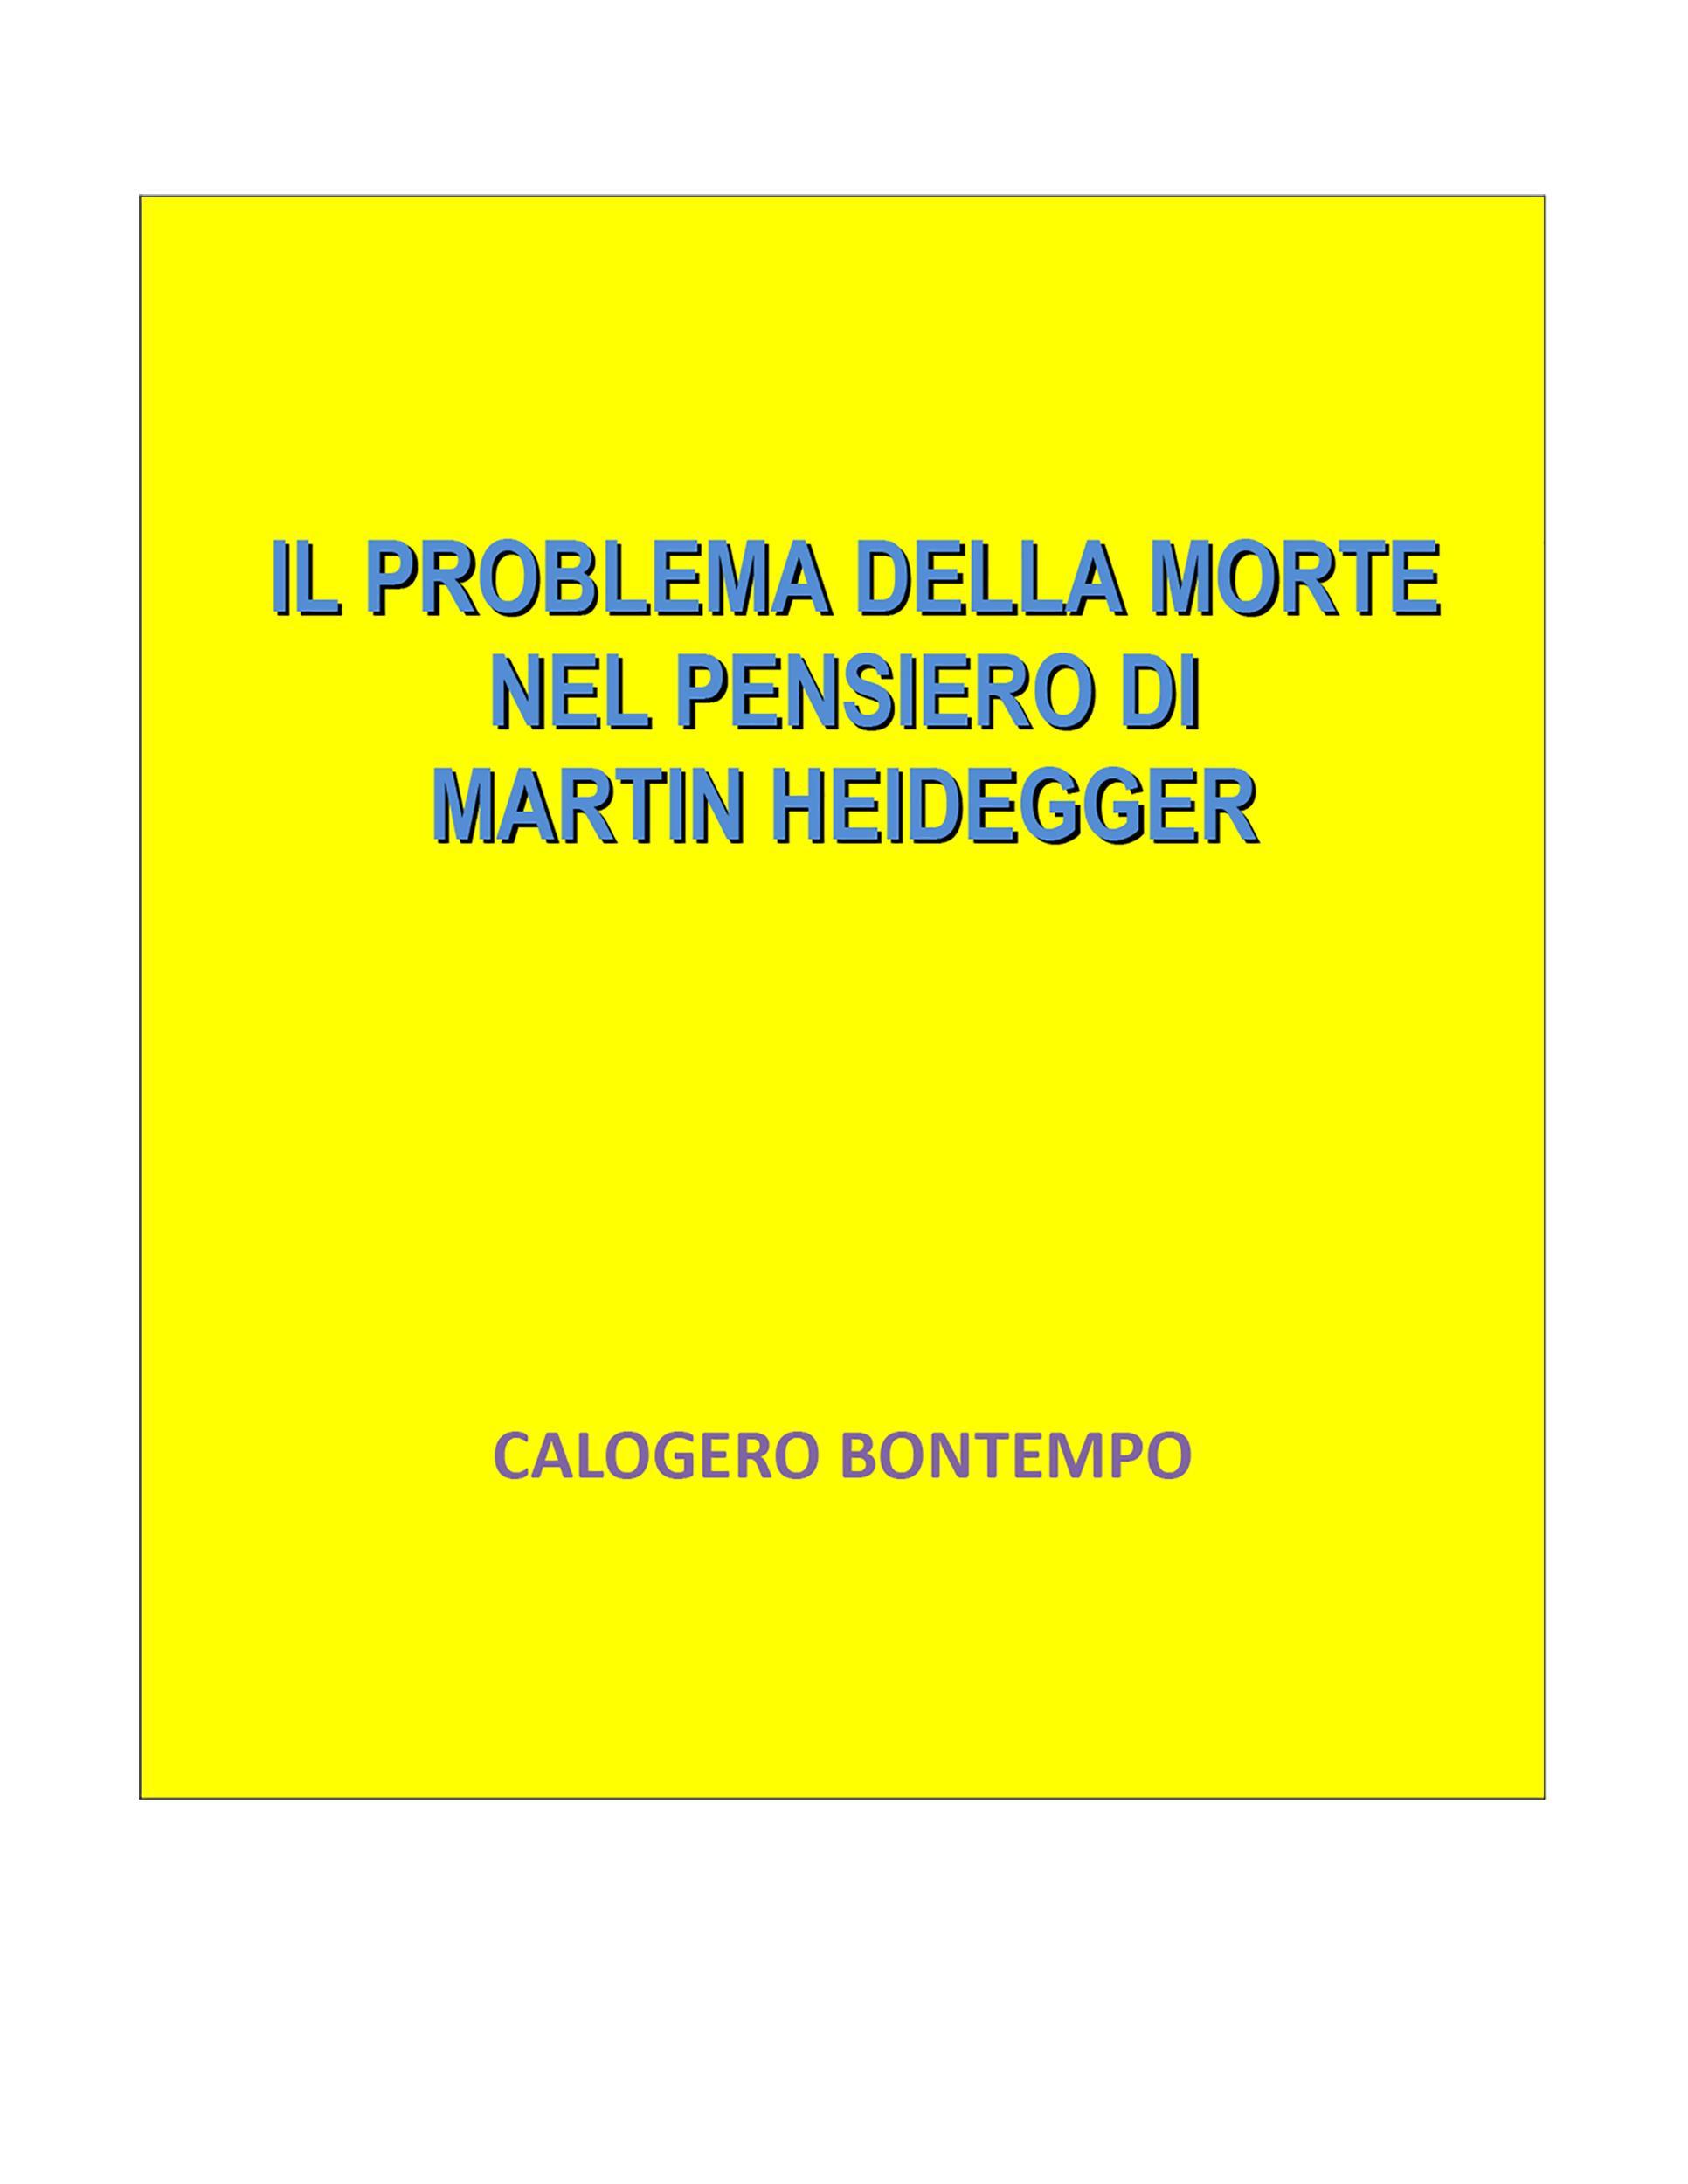 Il problema della morte nel pensiero di Martin Heidegger